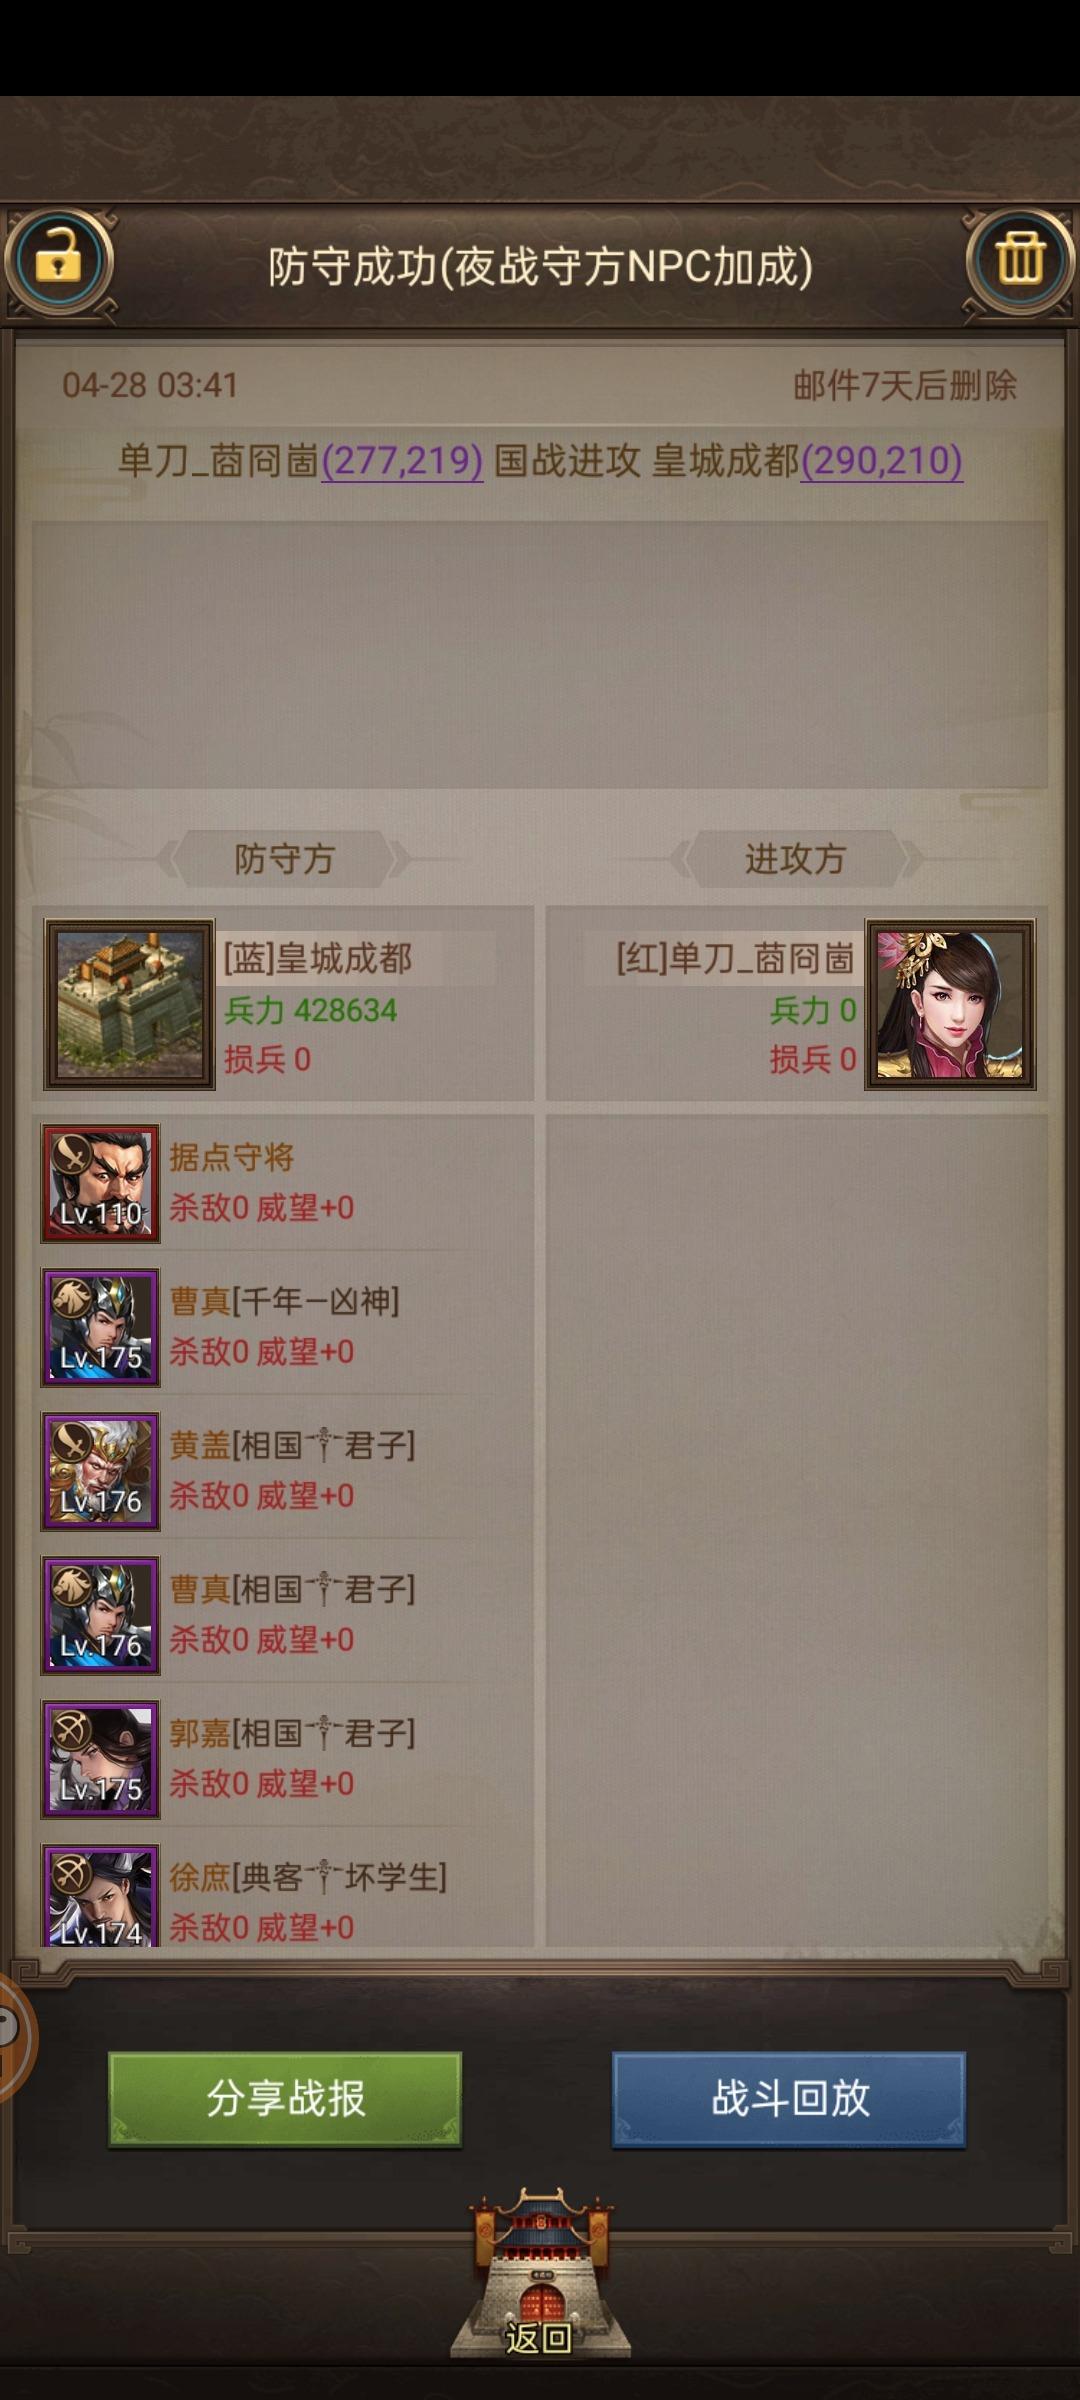 Screenshot_2020-04-28-03-43-07-05_2ca782289a69d98352866d89dbc343a1.jpg